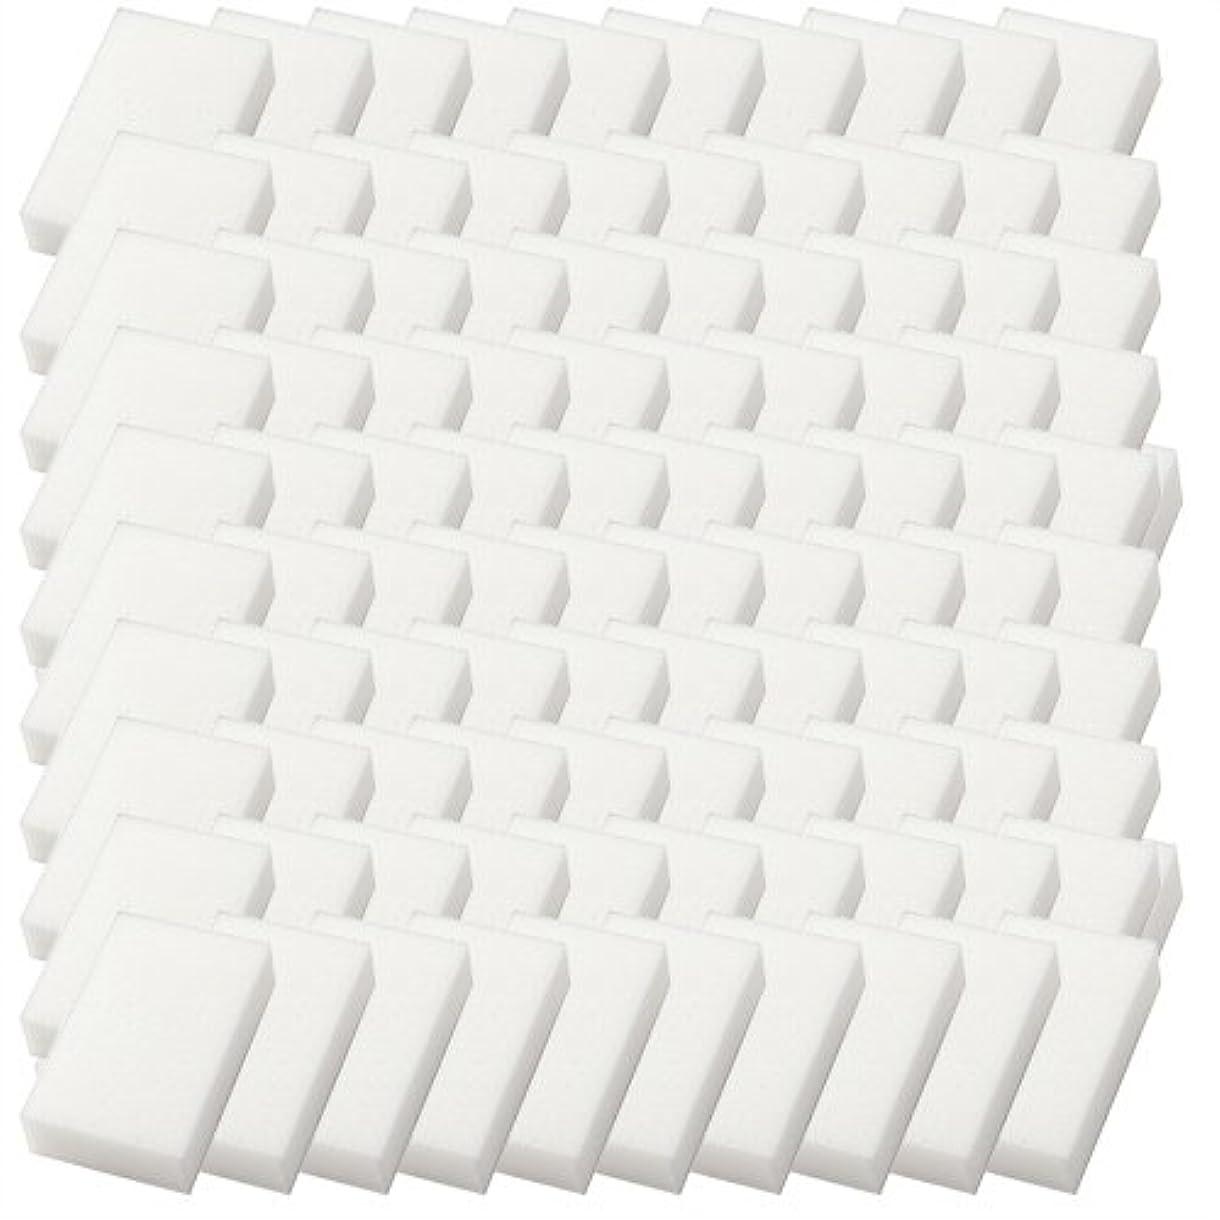 誰もラフ睡眠冒険ホテルアメニティ 業務用 使い捨てスポンジ 圧縮ボディスポンジ 個包装タイプ 厚み 約25mm 500個